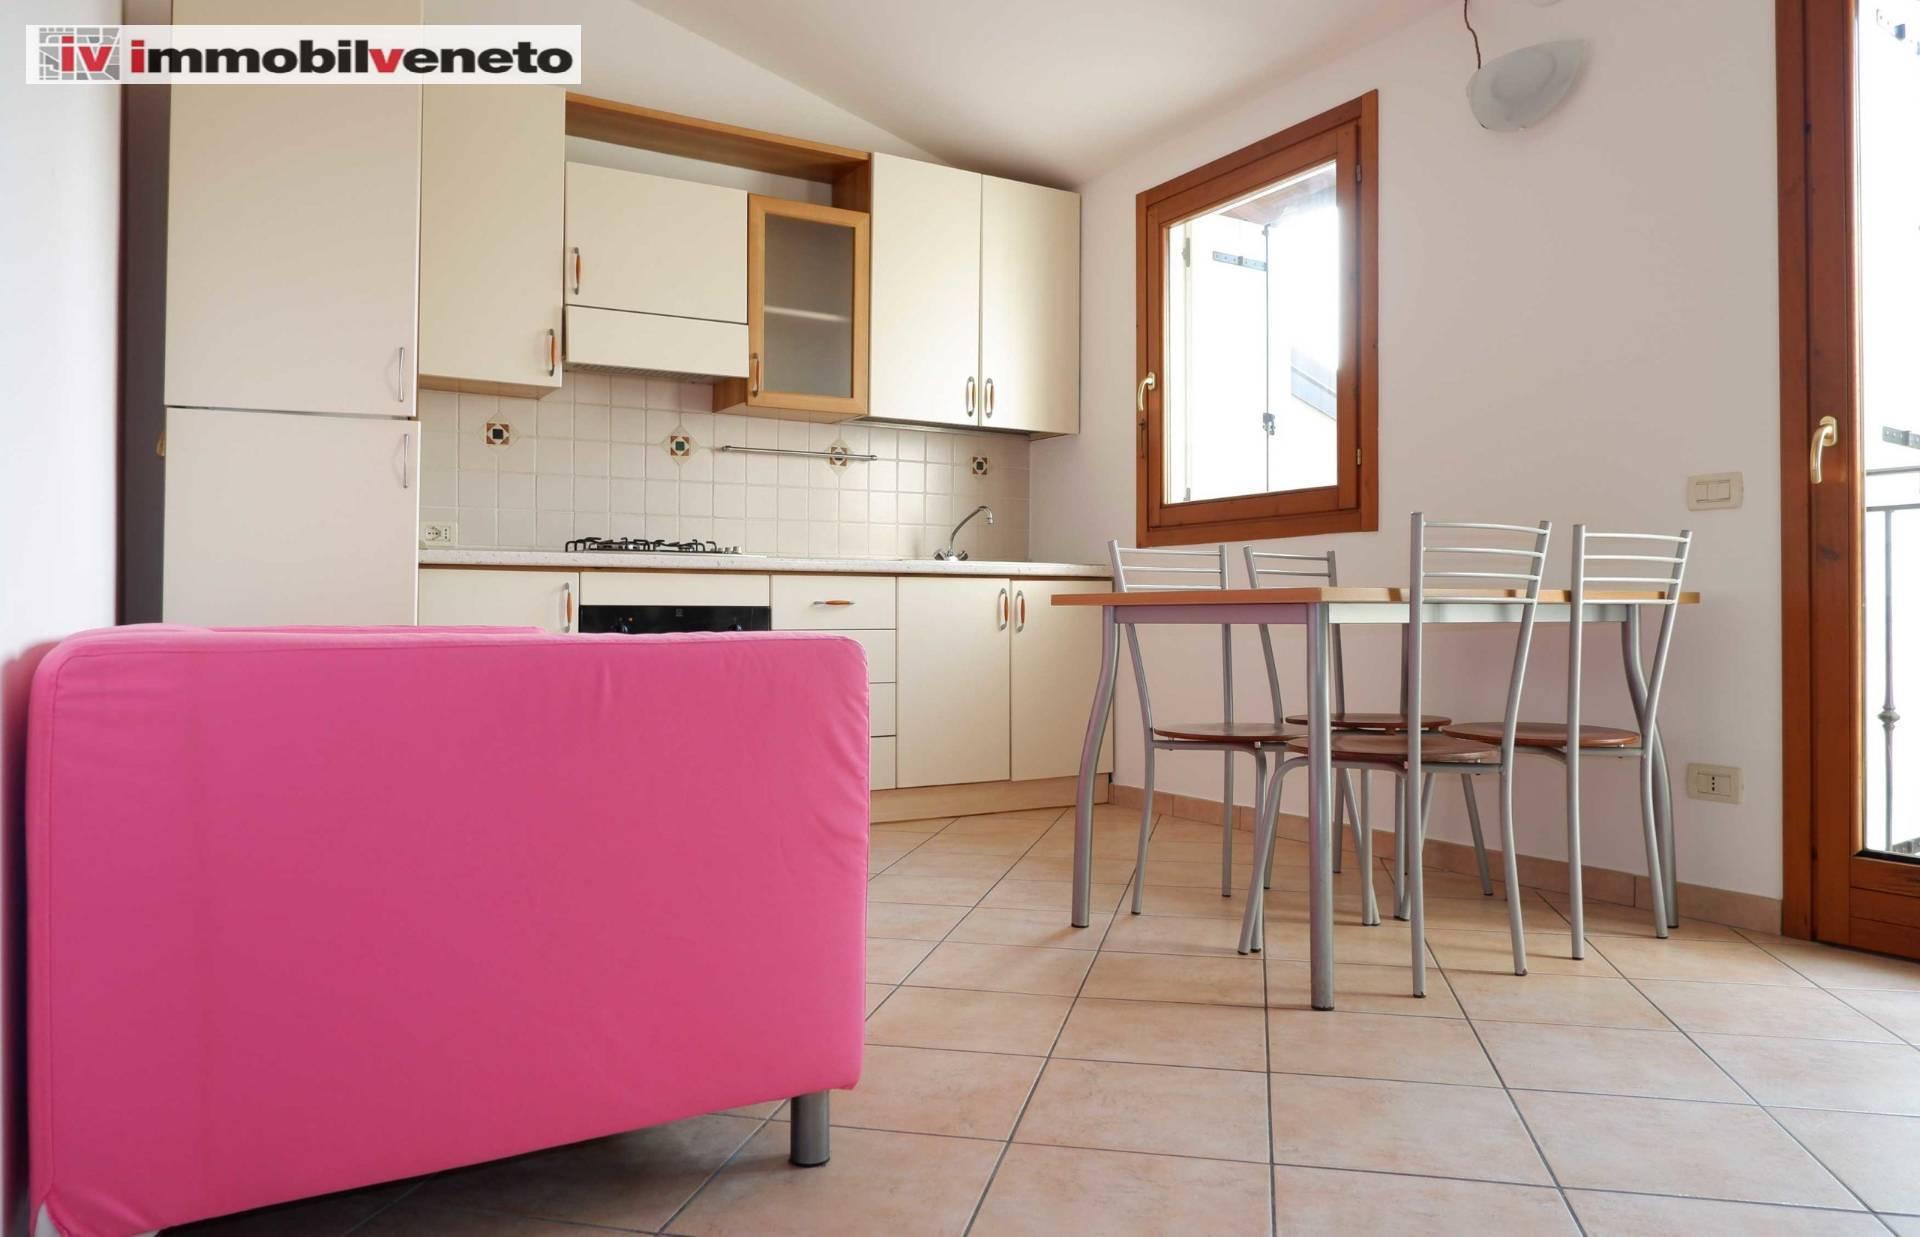 Appartamento in vendita a Brendola, 2 locali, zona Località: V?, prezzo € 78.000 | CambioCasa.it